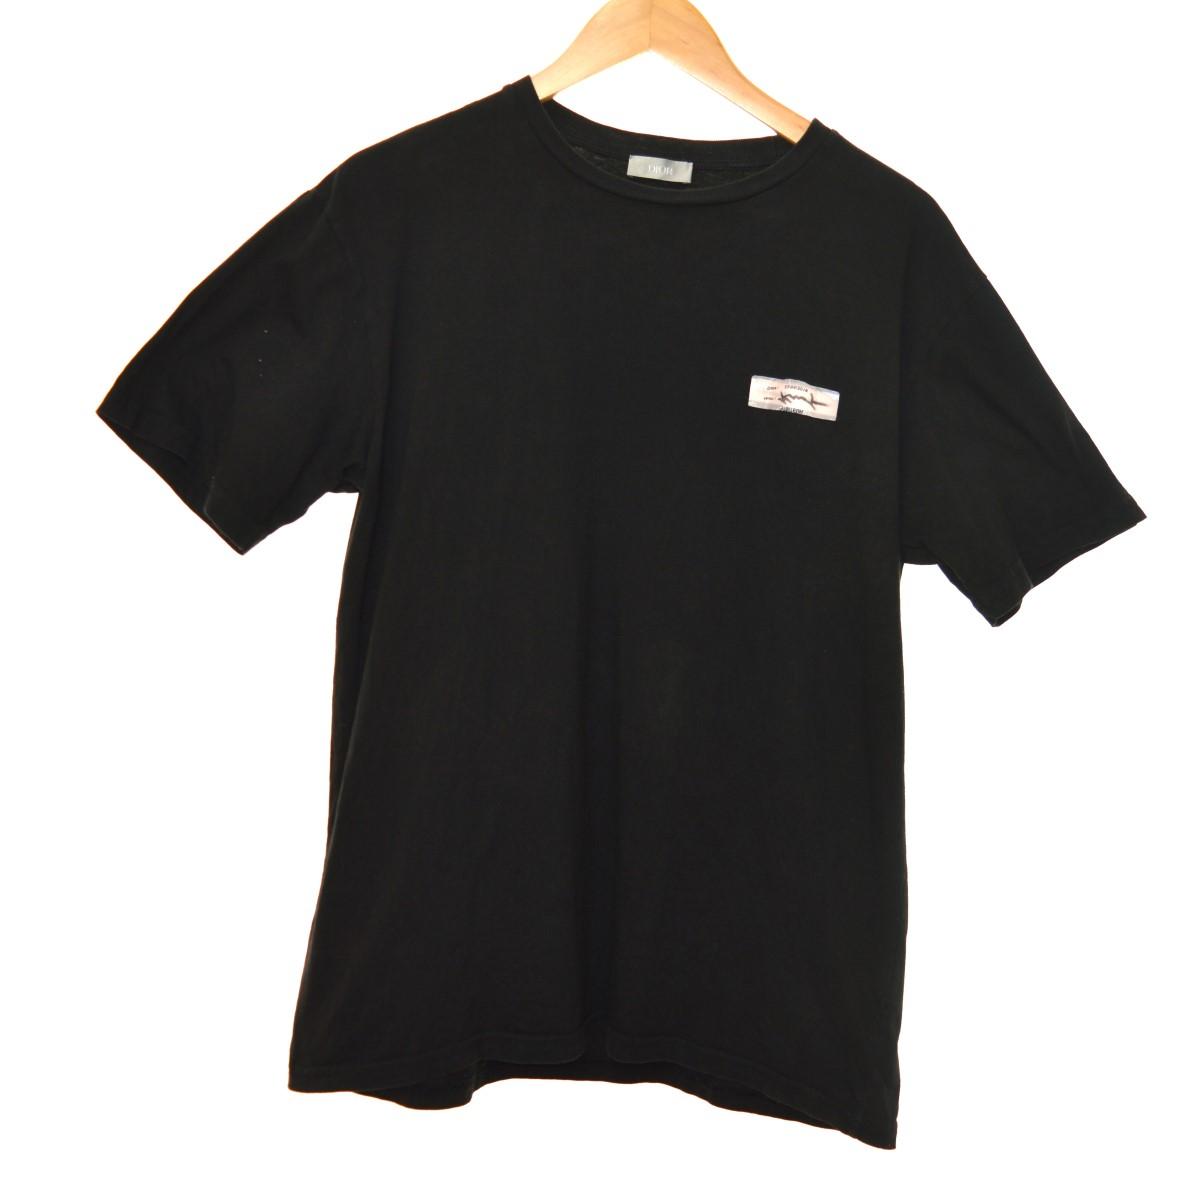 【中古】Dior Homme 19SS 923J611B0533 ビジターパッチTシャツ ブラック サイズ:S 【080420】(ディオールオム)